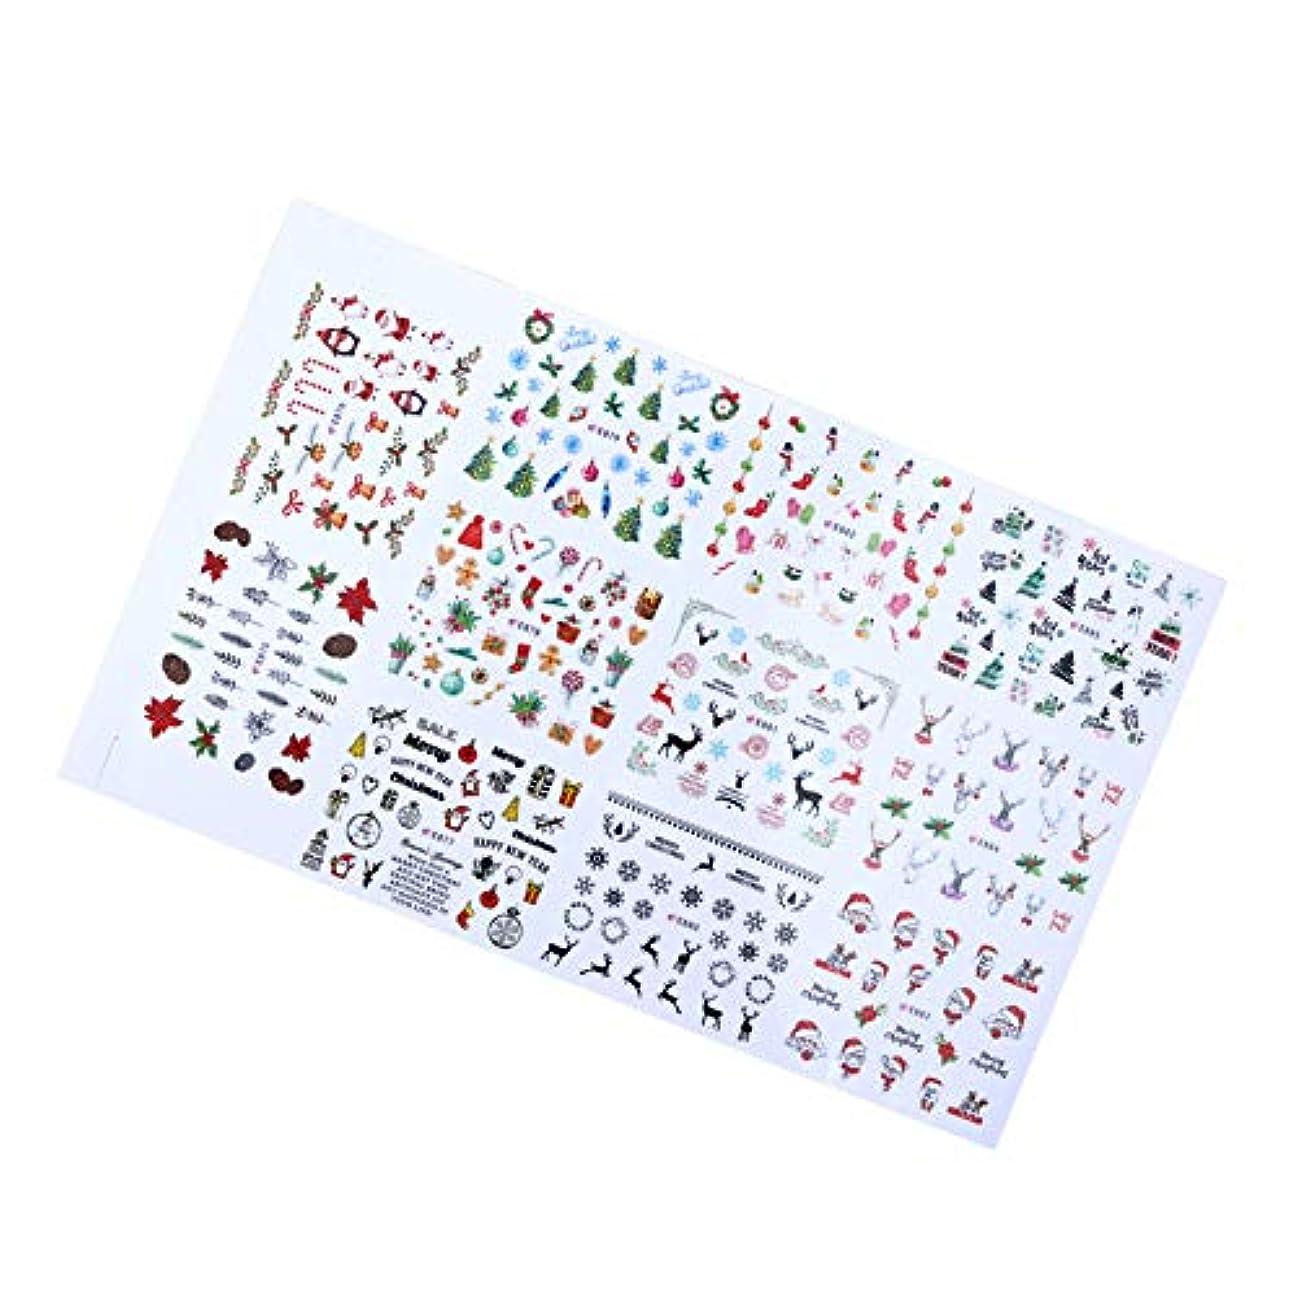 治す六月微弱クリスマスの3DネイルステッカーネイルステッカーネイルデザインDIYデカール装飾E875-885